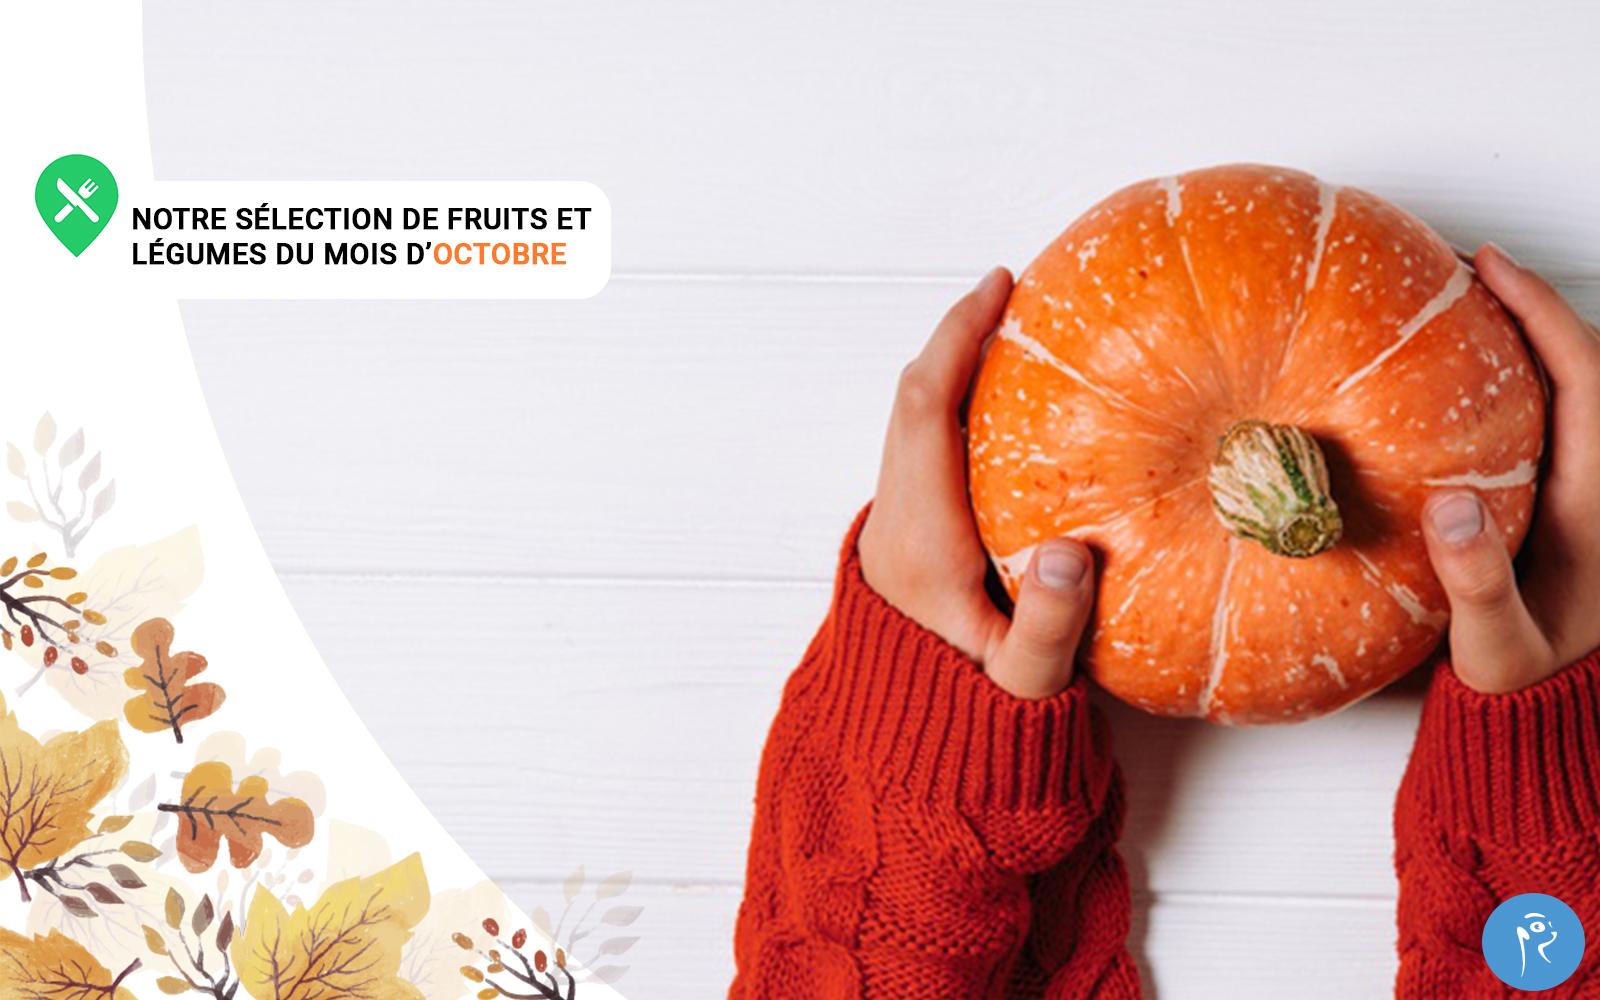 Notre sélection de fruits et légumes d'octobre